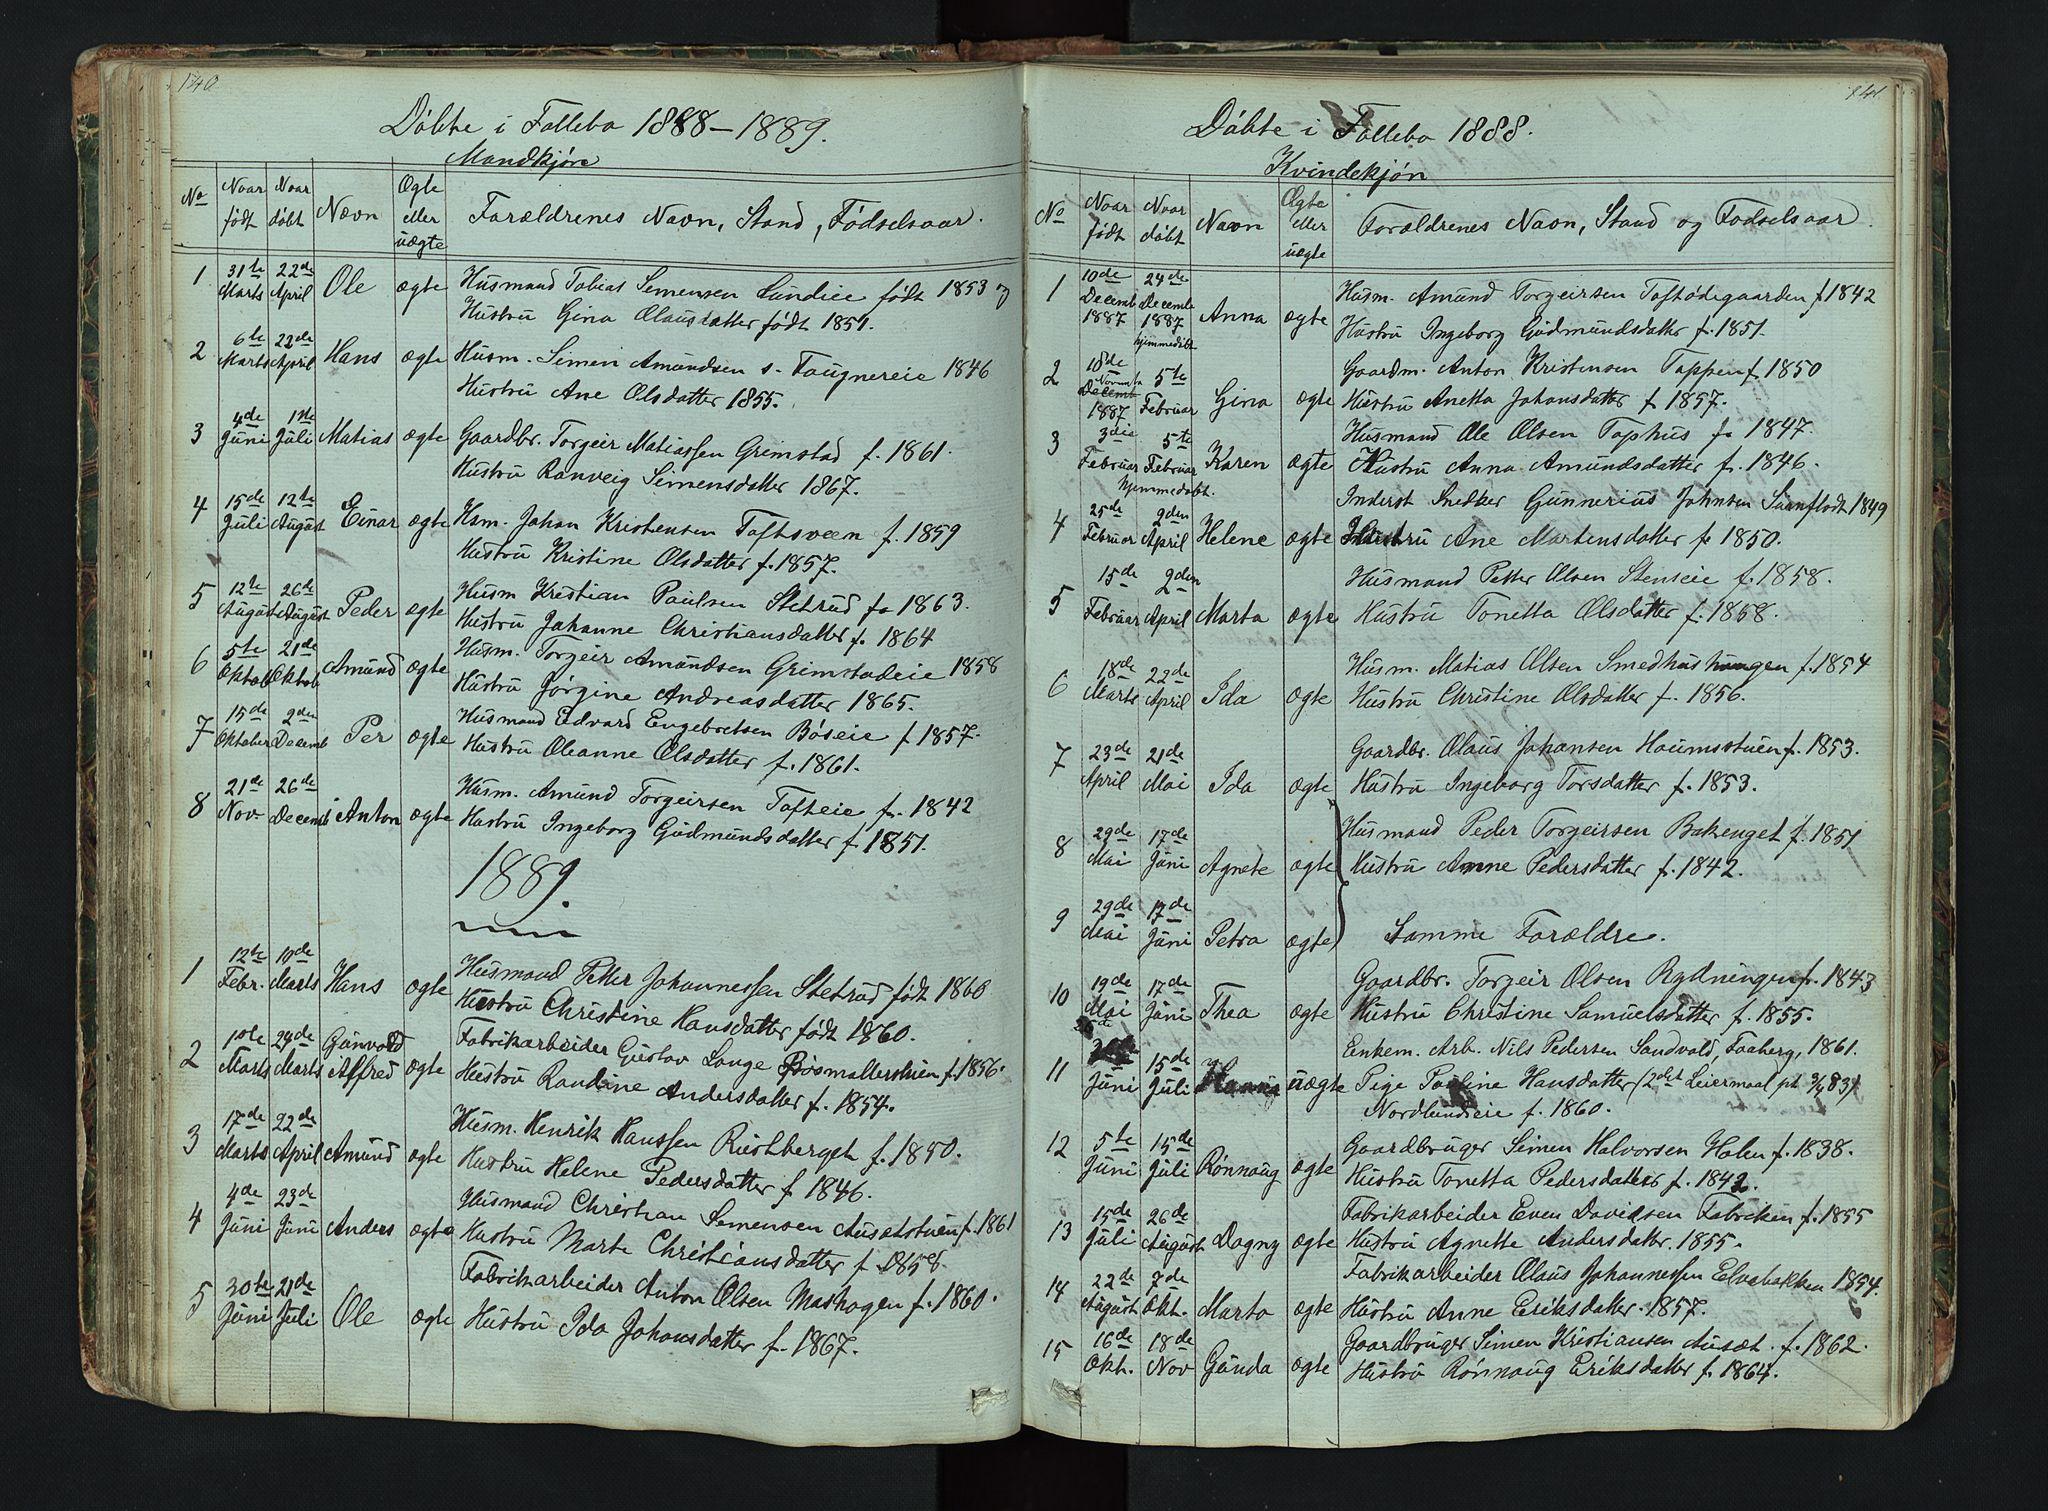 SAH, Gausdal prestekontor, Klokkerbok nr. 6, 1846-1893, s. 140-141